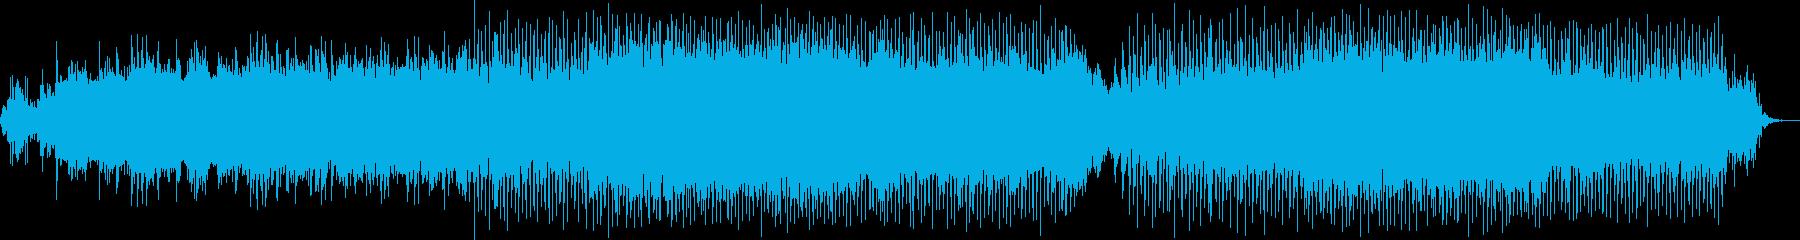 前向きな明るいテクノの再生済みの波形